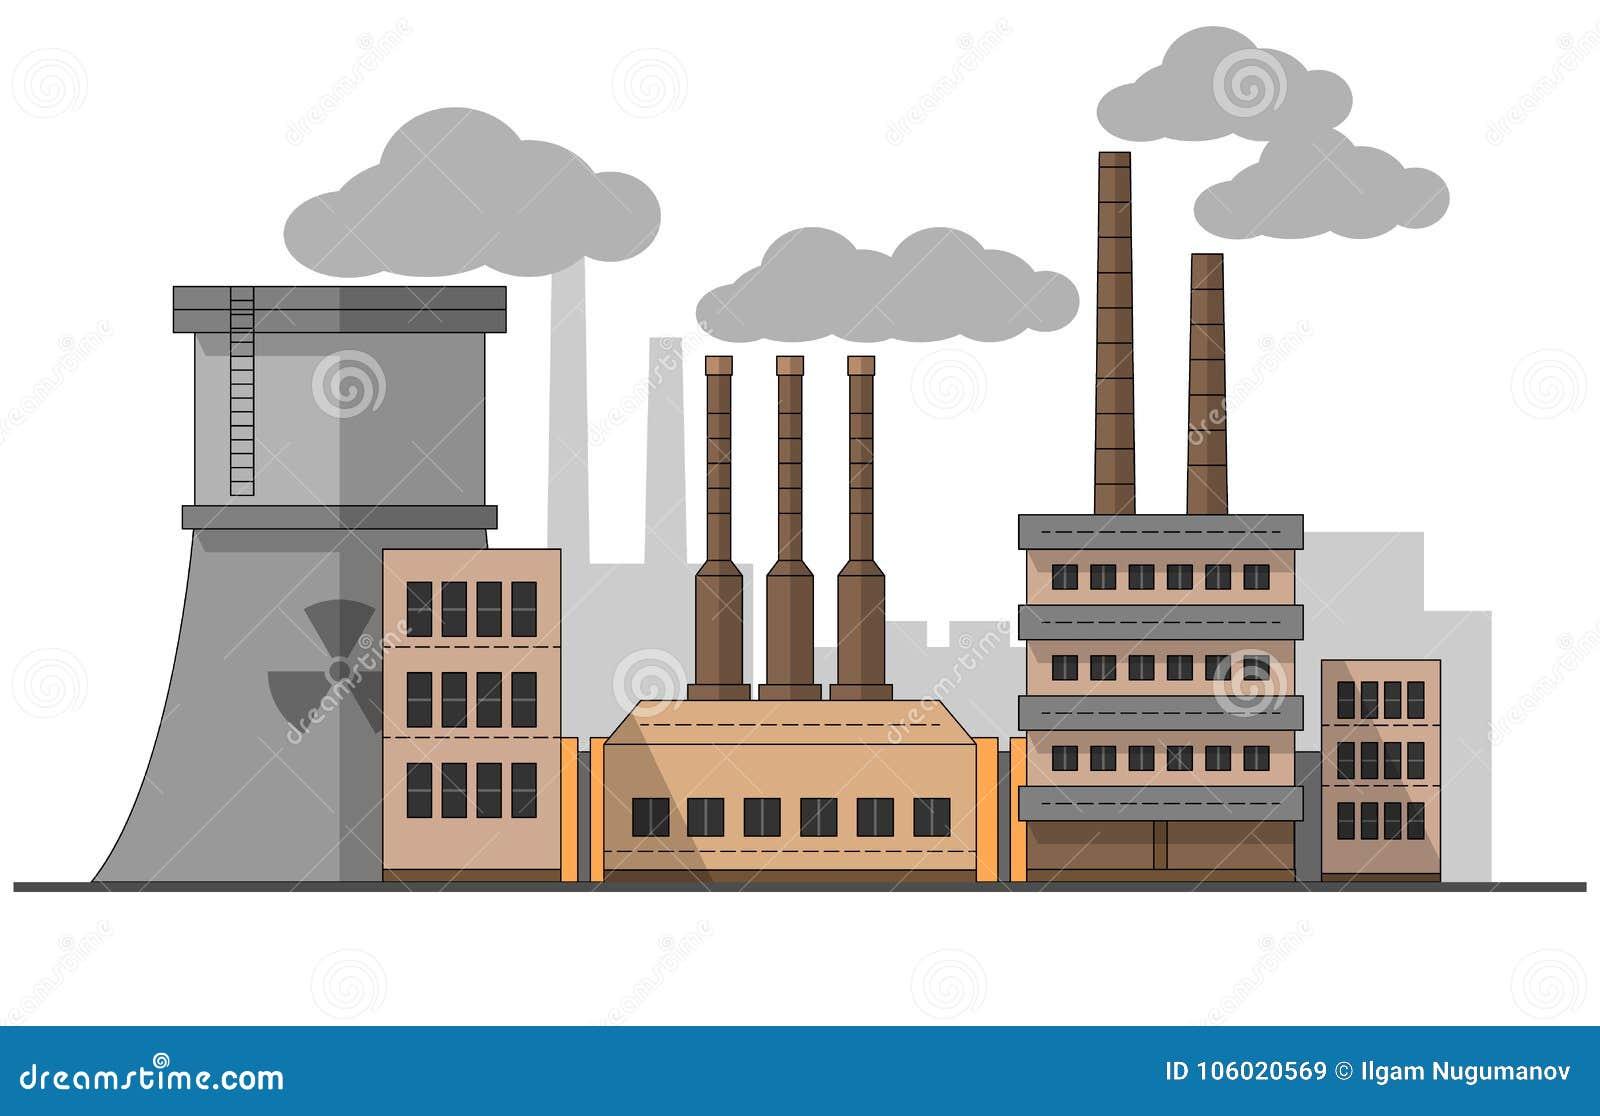 Industriell fabrik med landskap för kärn- station Plan illustration för vektor Bakgrund Rör med rök målning redigerbart